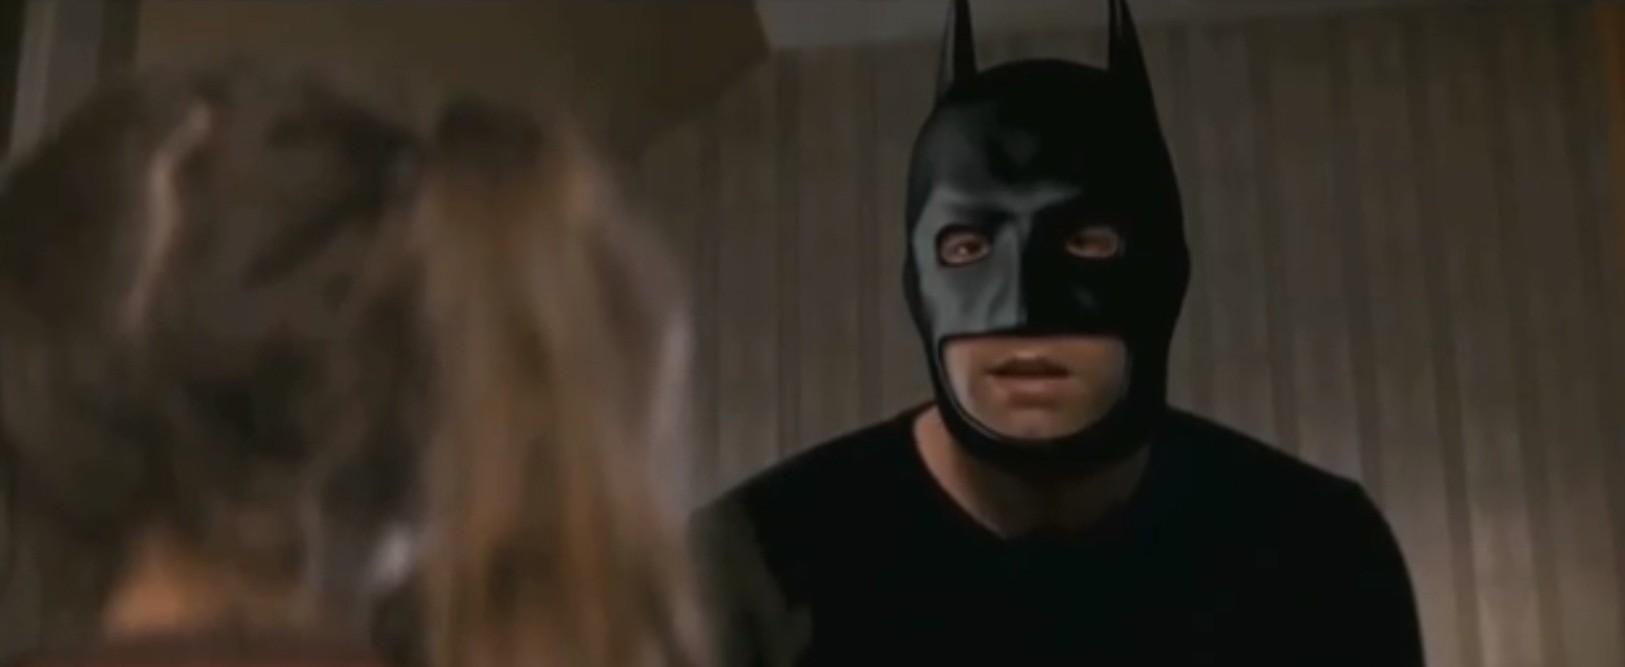 Ben Affleck screams at a child in 'leaked' Batman v Superman trailer